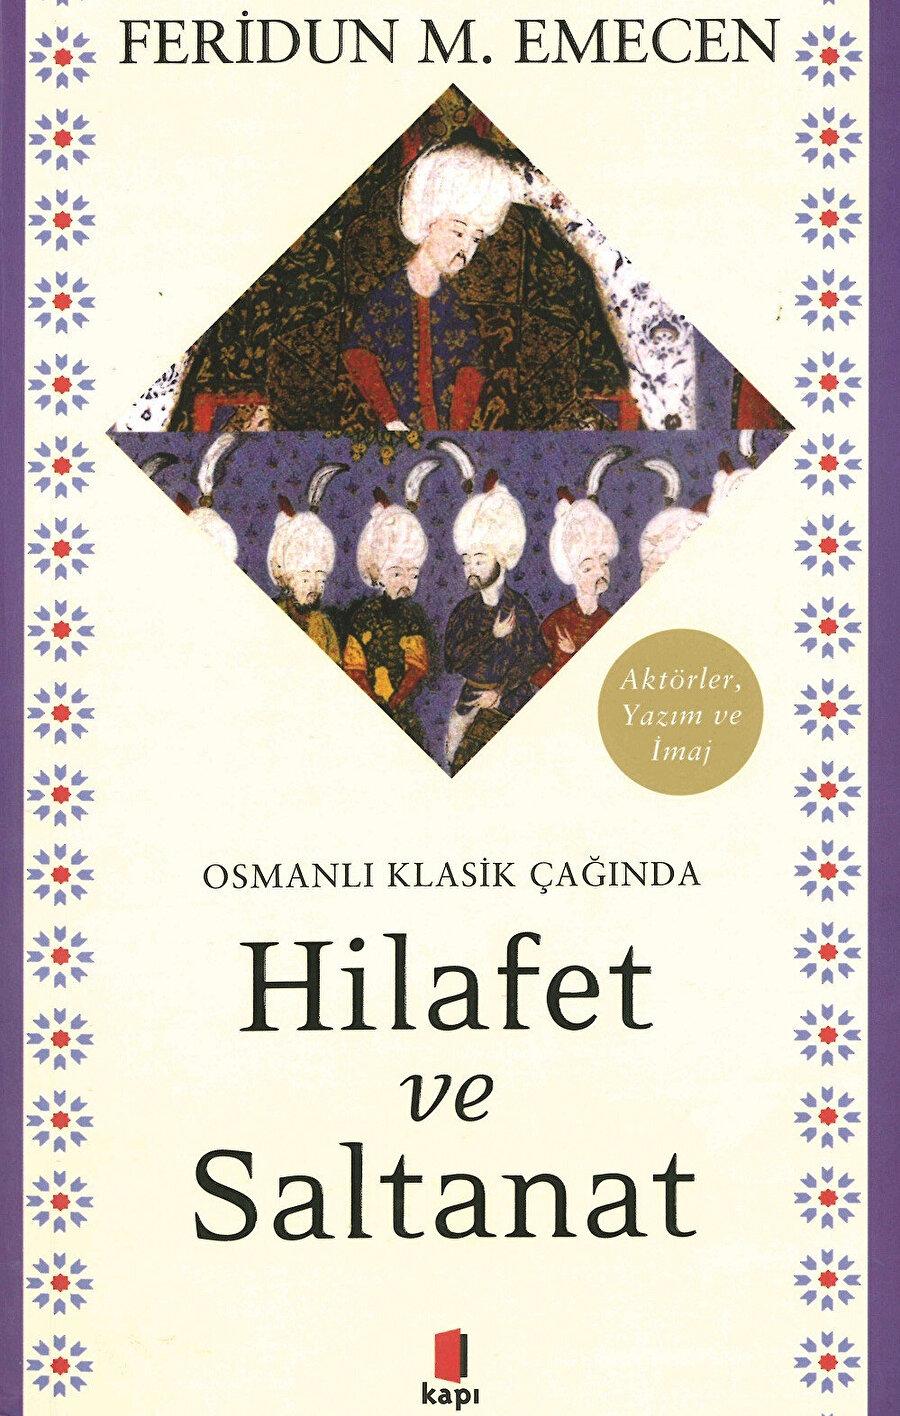 Feridun Emecan, Osmanlı Klasik Çağında Hilafet ve Saltanat